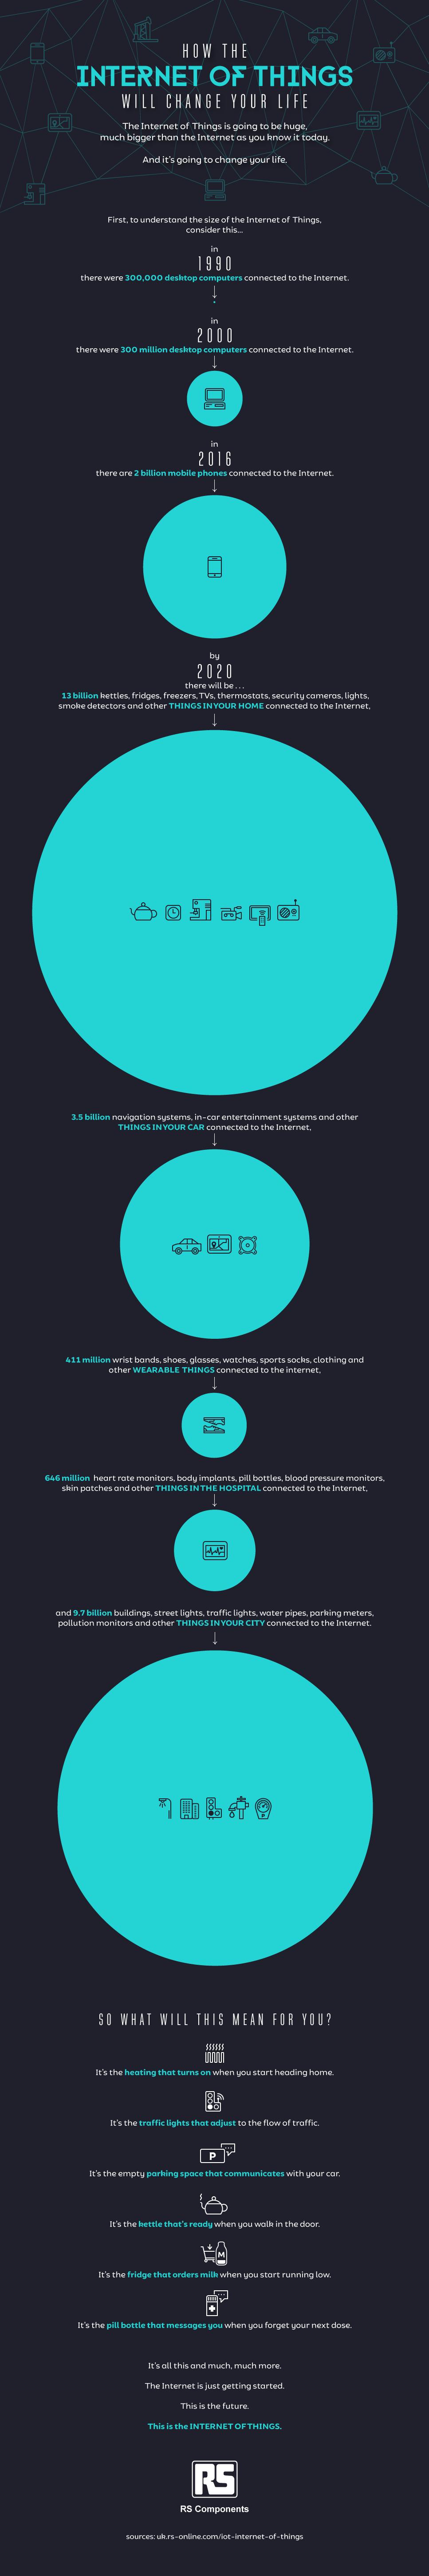 IOT_6.3-Infographic